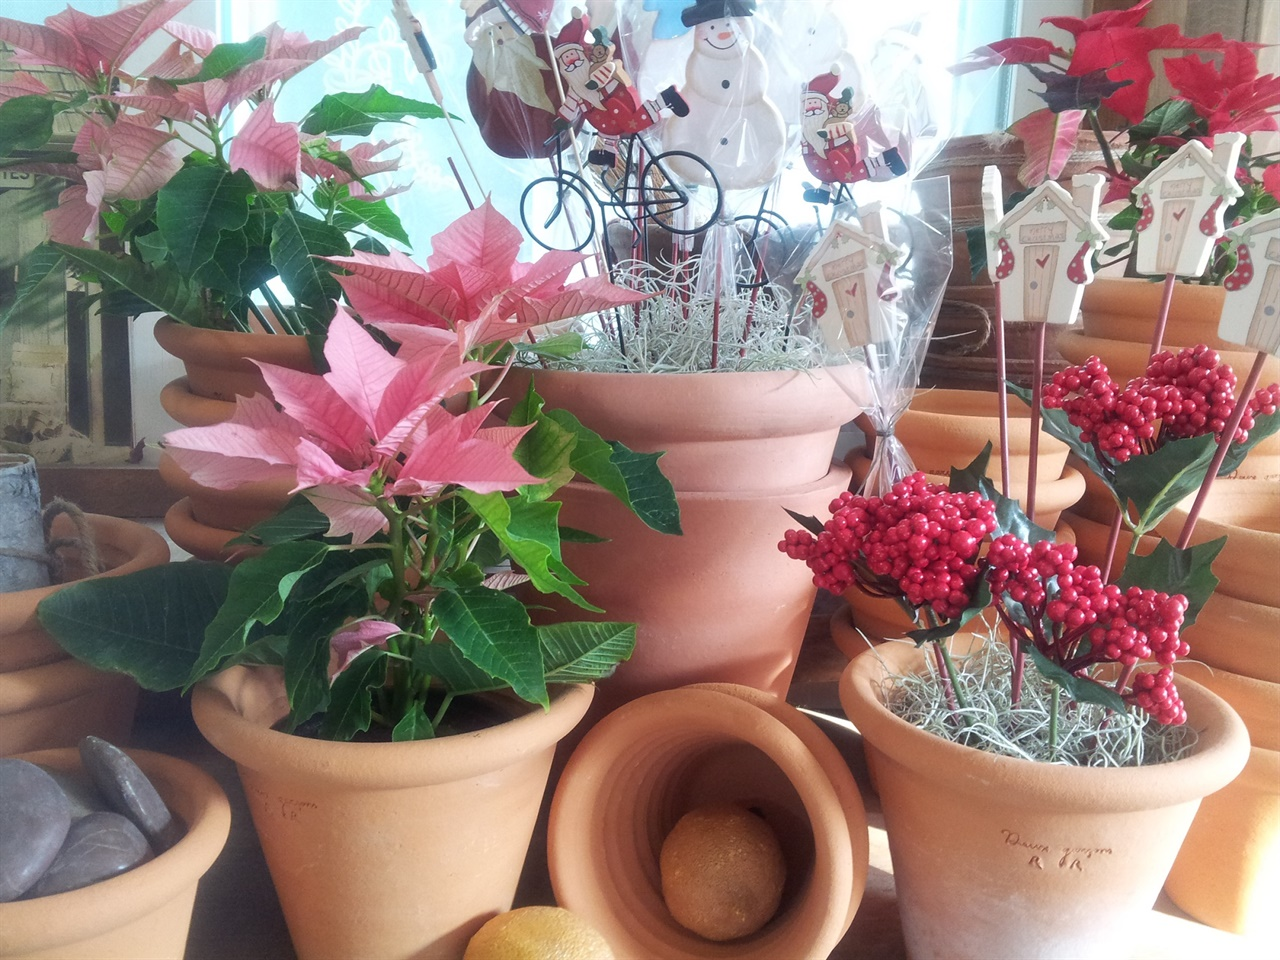 포인세티아 포인세티아는 겨울 장식으로 인기가 많다. 어떤 장식물과도 잘 어울리고, 특히 토분에 심으면 찰떡궁합이다.